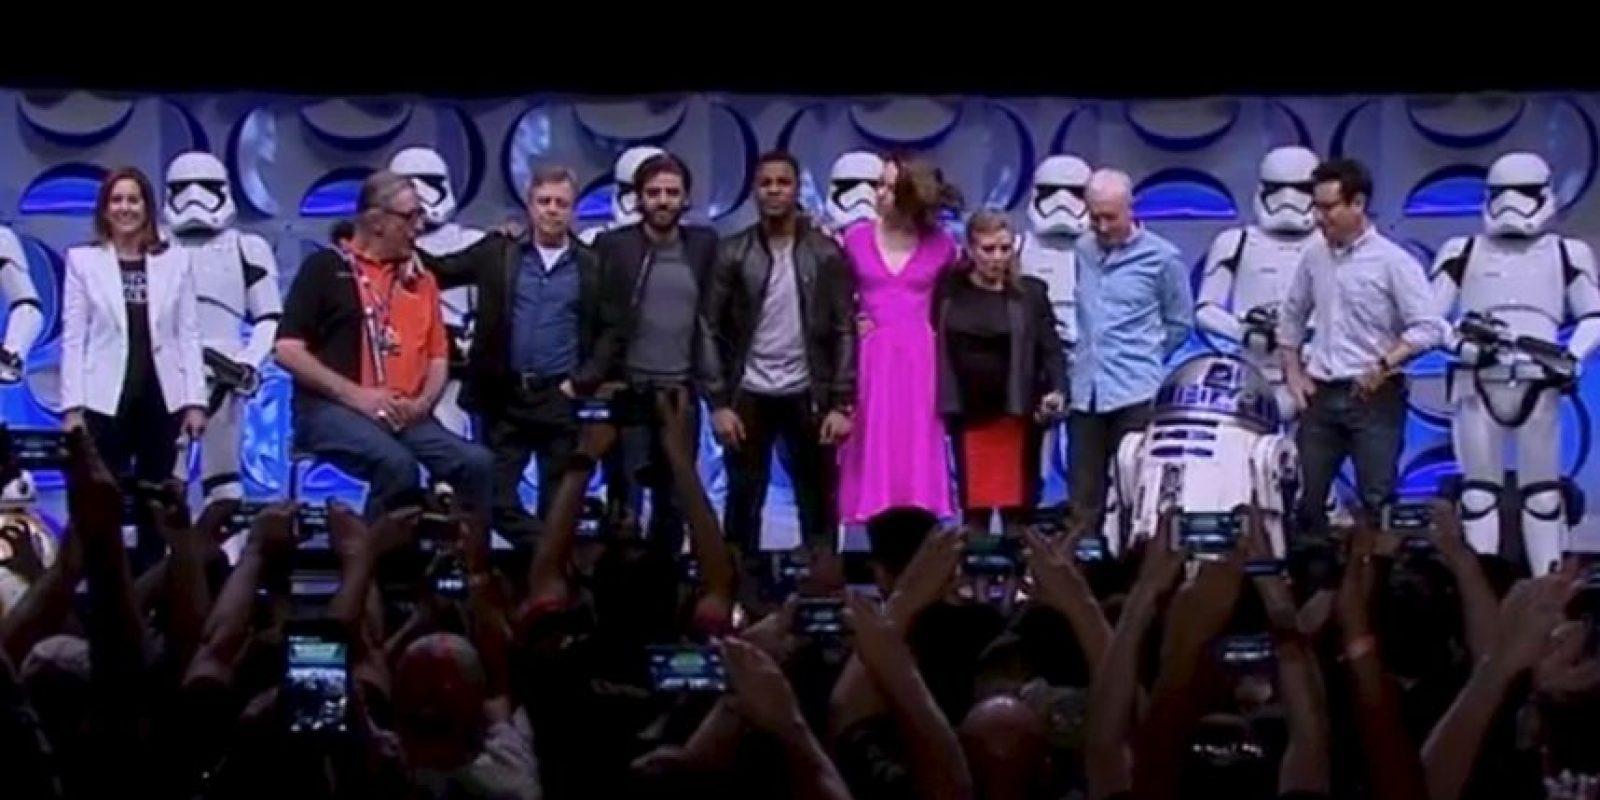 Los actores de la saga se reúnen año a año para alegría de los fanáticos Foto:Twitter